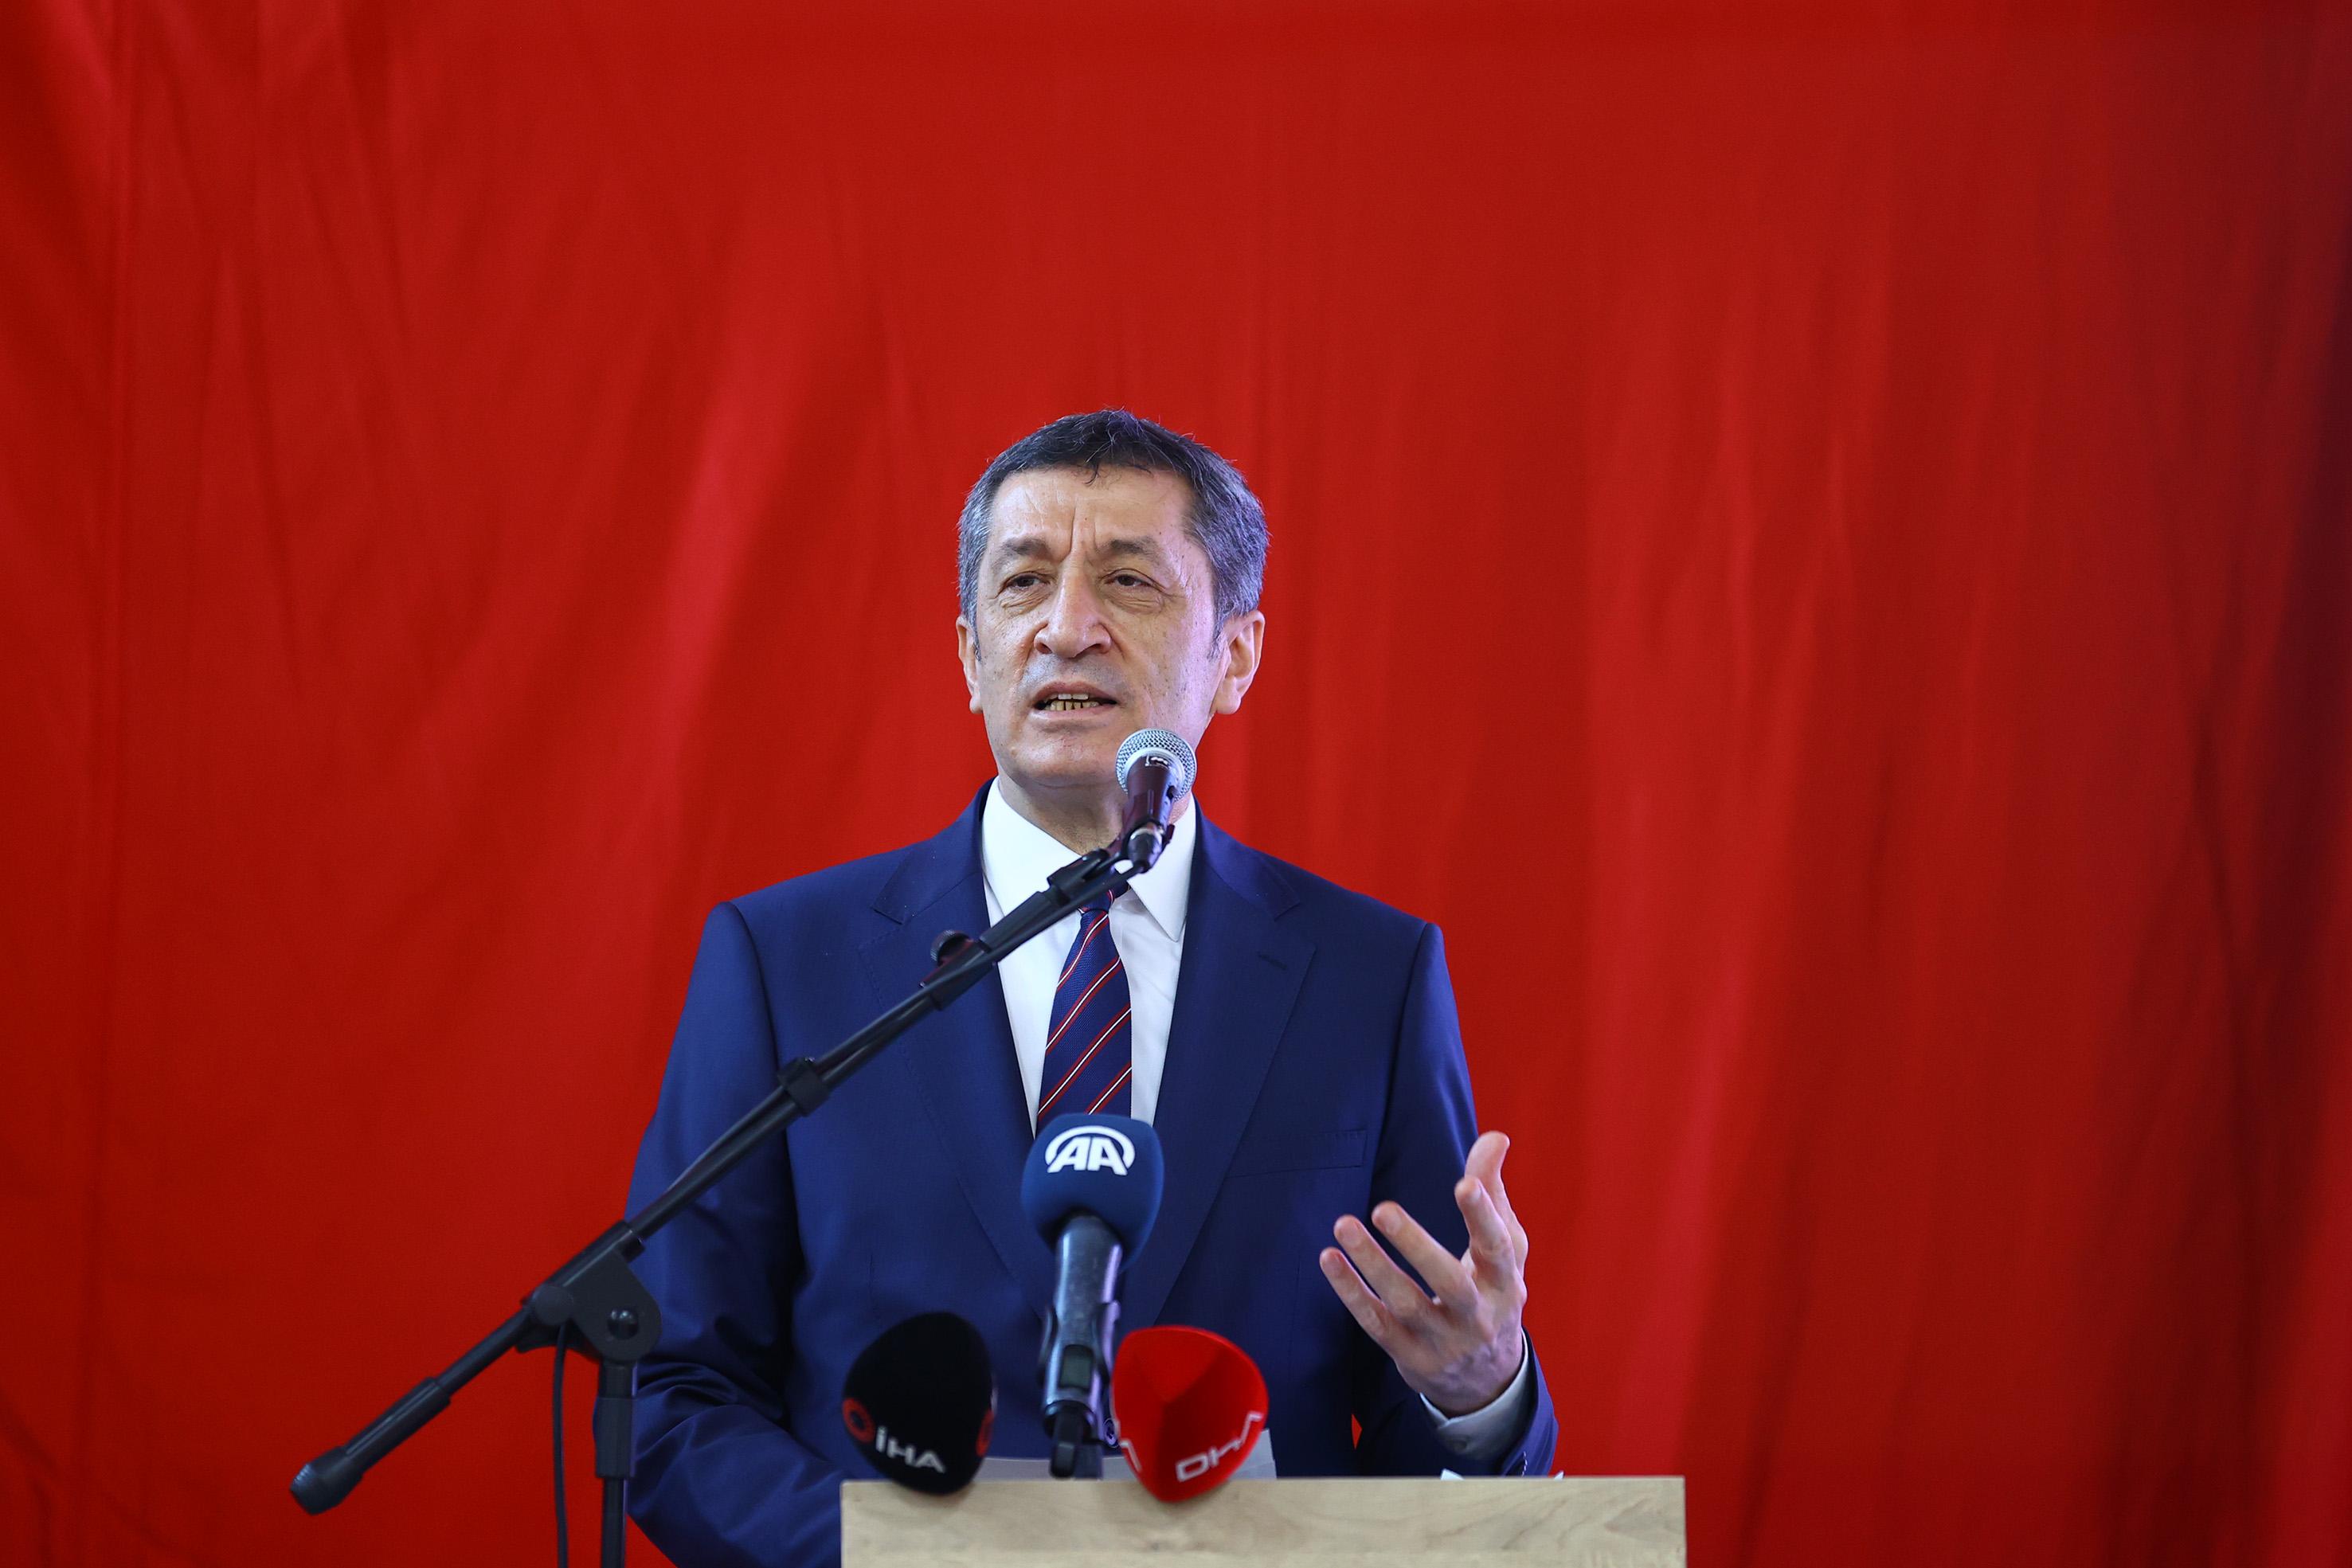 Milli Eğitim Bakanı Ziya Selçuk'tan yüz yüze eğitimdeki erteleme için özür mesajı!